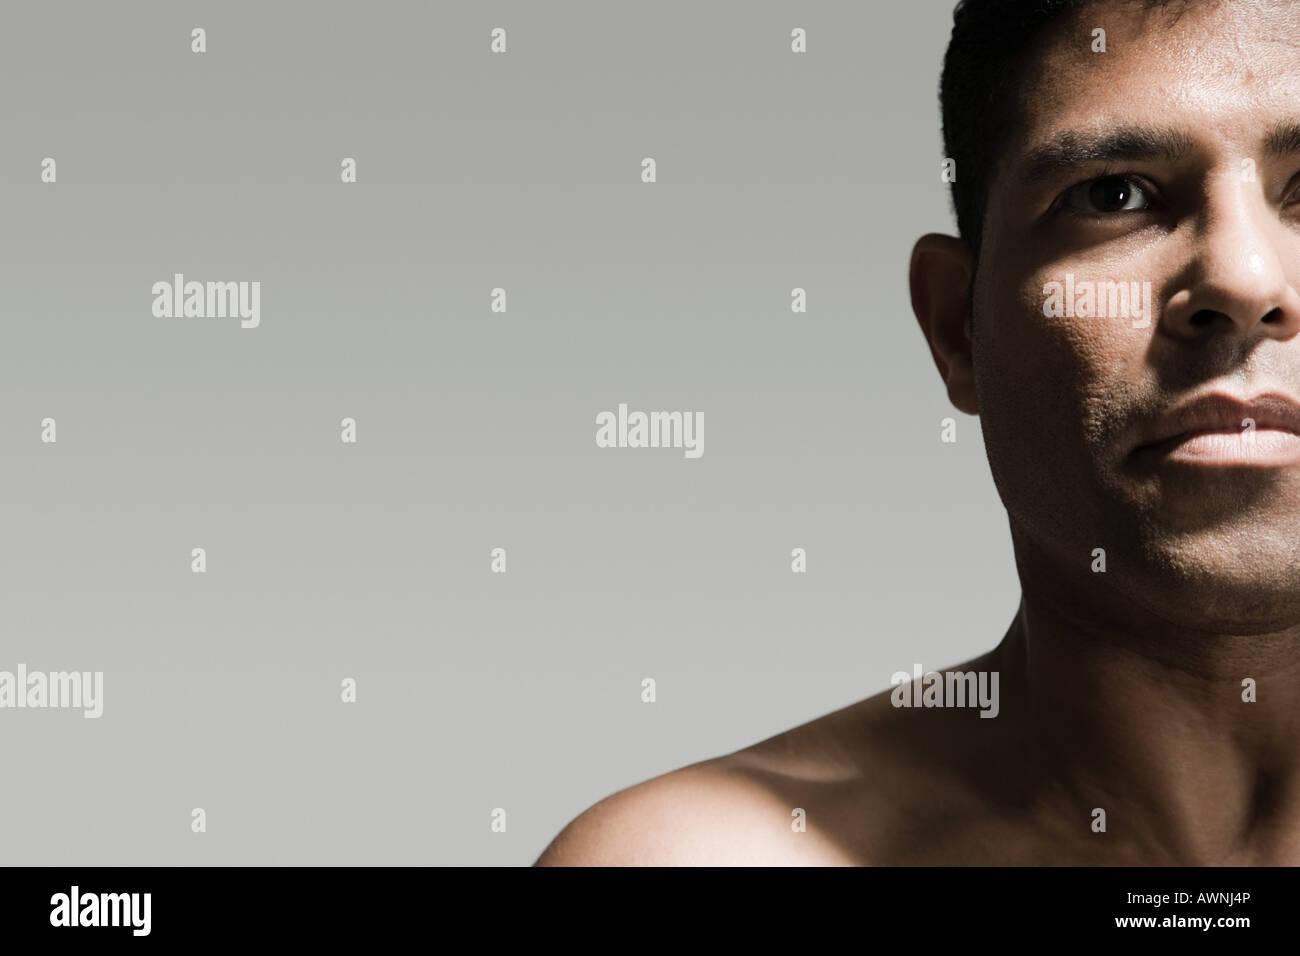 La tête coupée et les épaules d'un homme Photo Stock